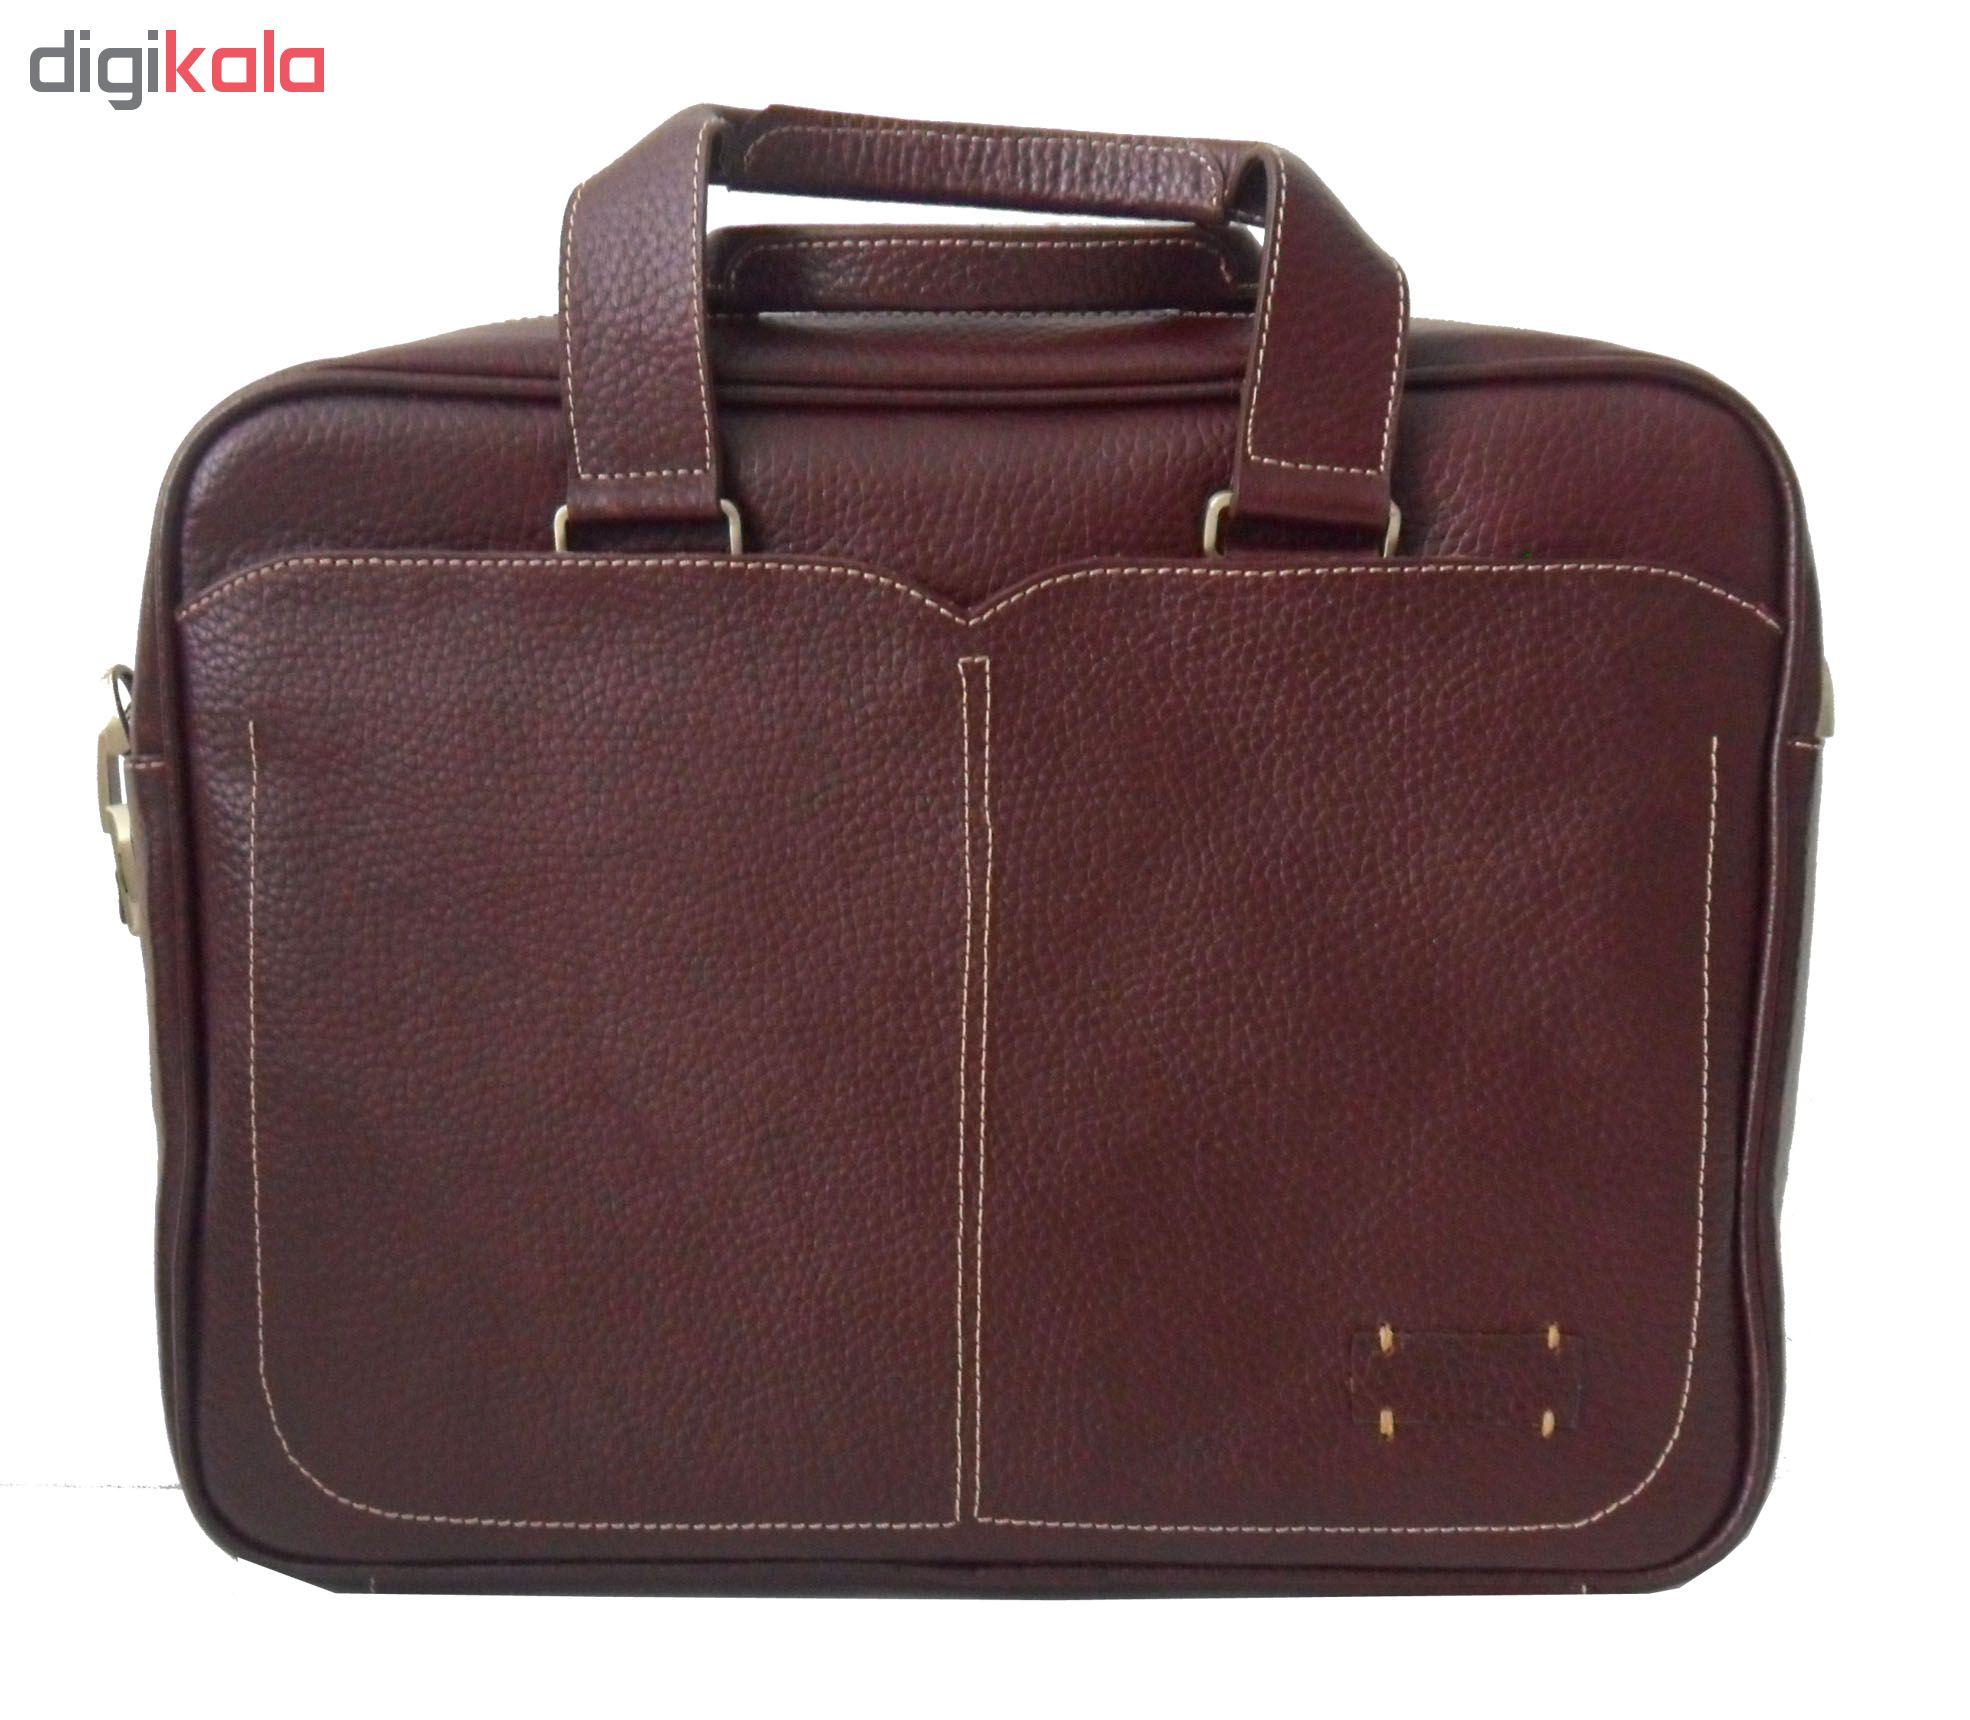 کیف اداری مردانه مدل 3005